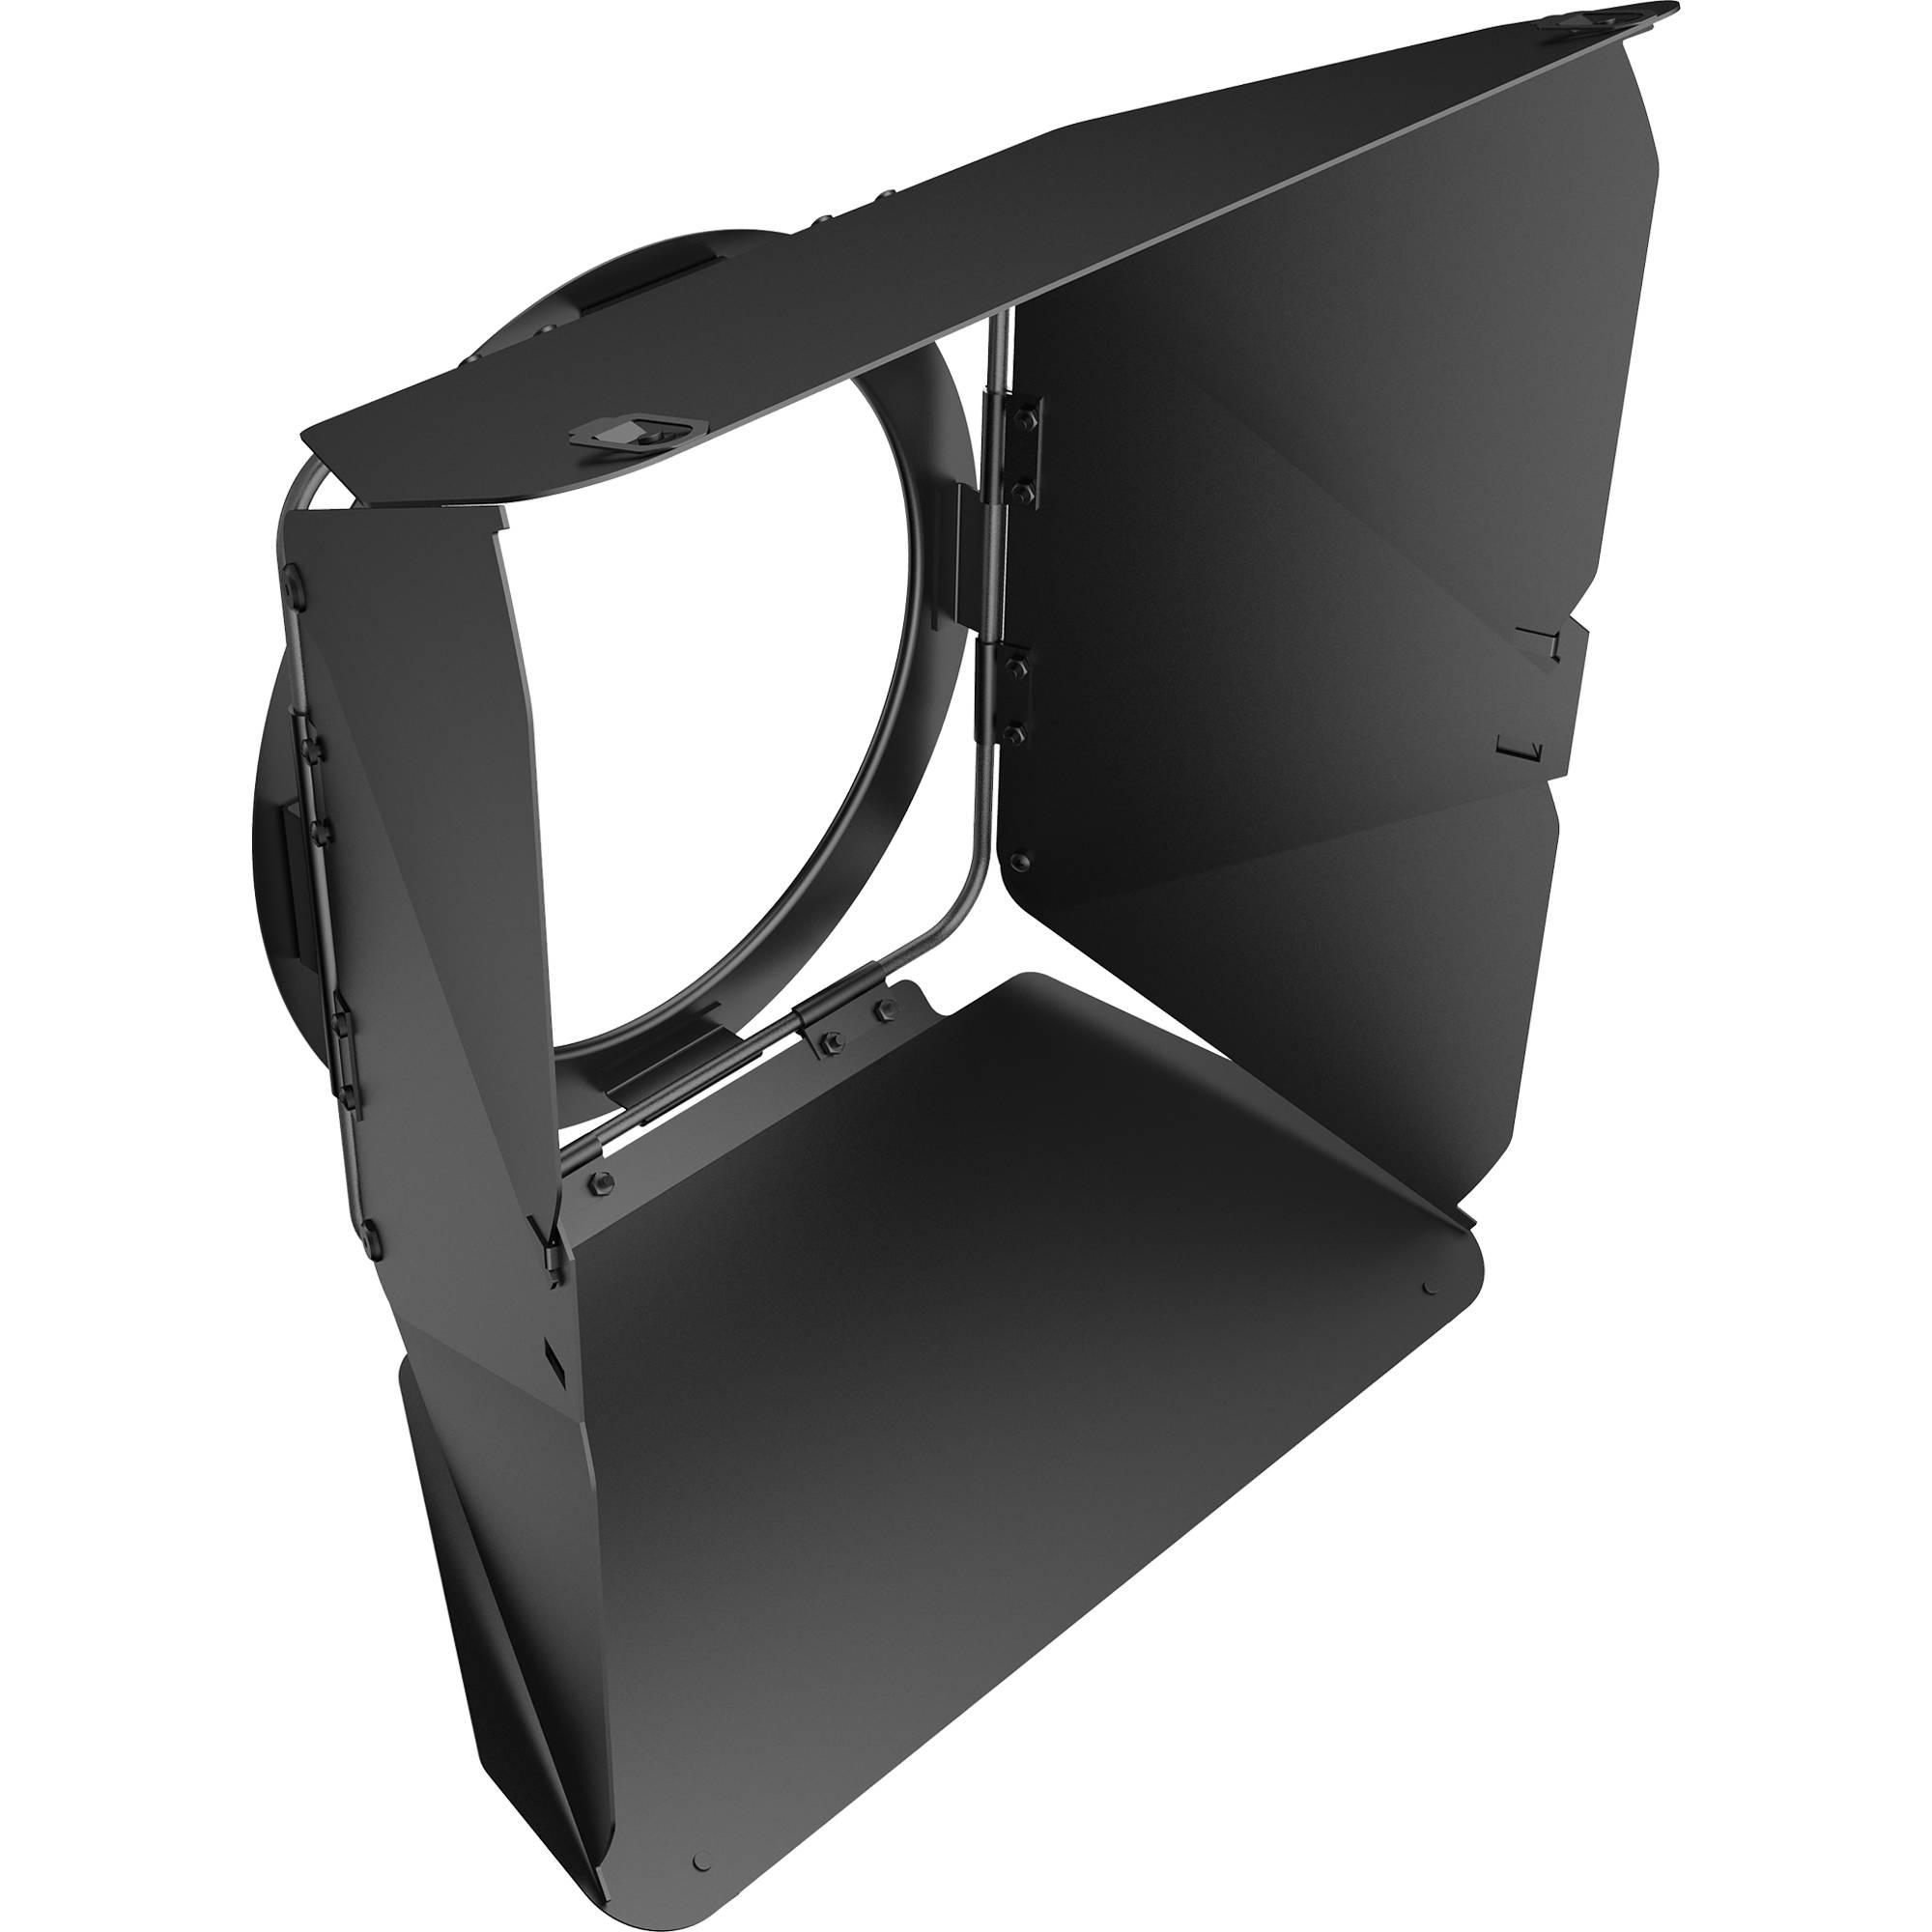 Rayzr 7 8 Leaf Barndoor For Rayzr 7 Led Fresnel 10101051 Bh